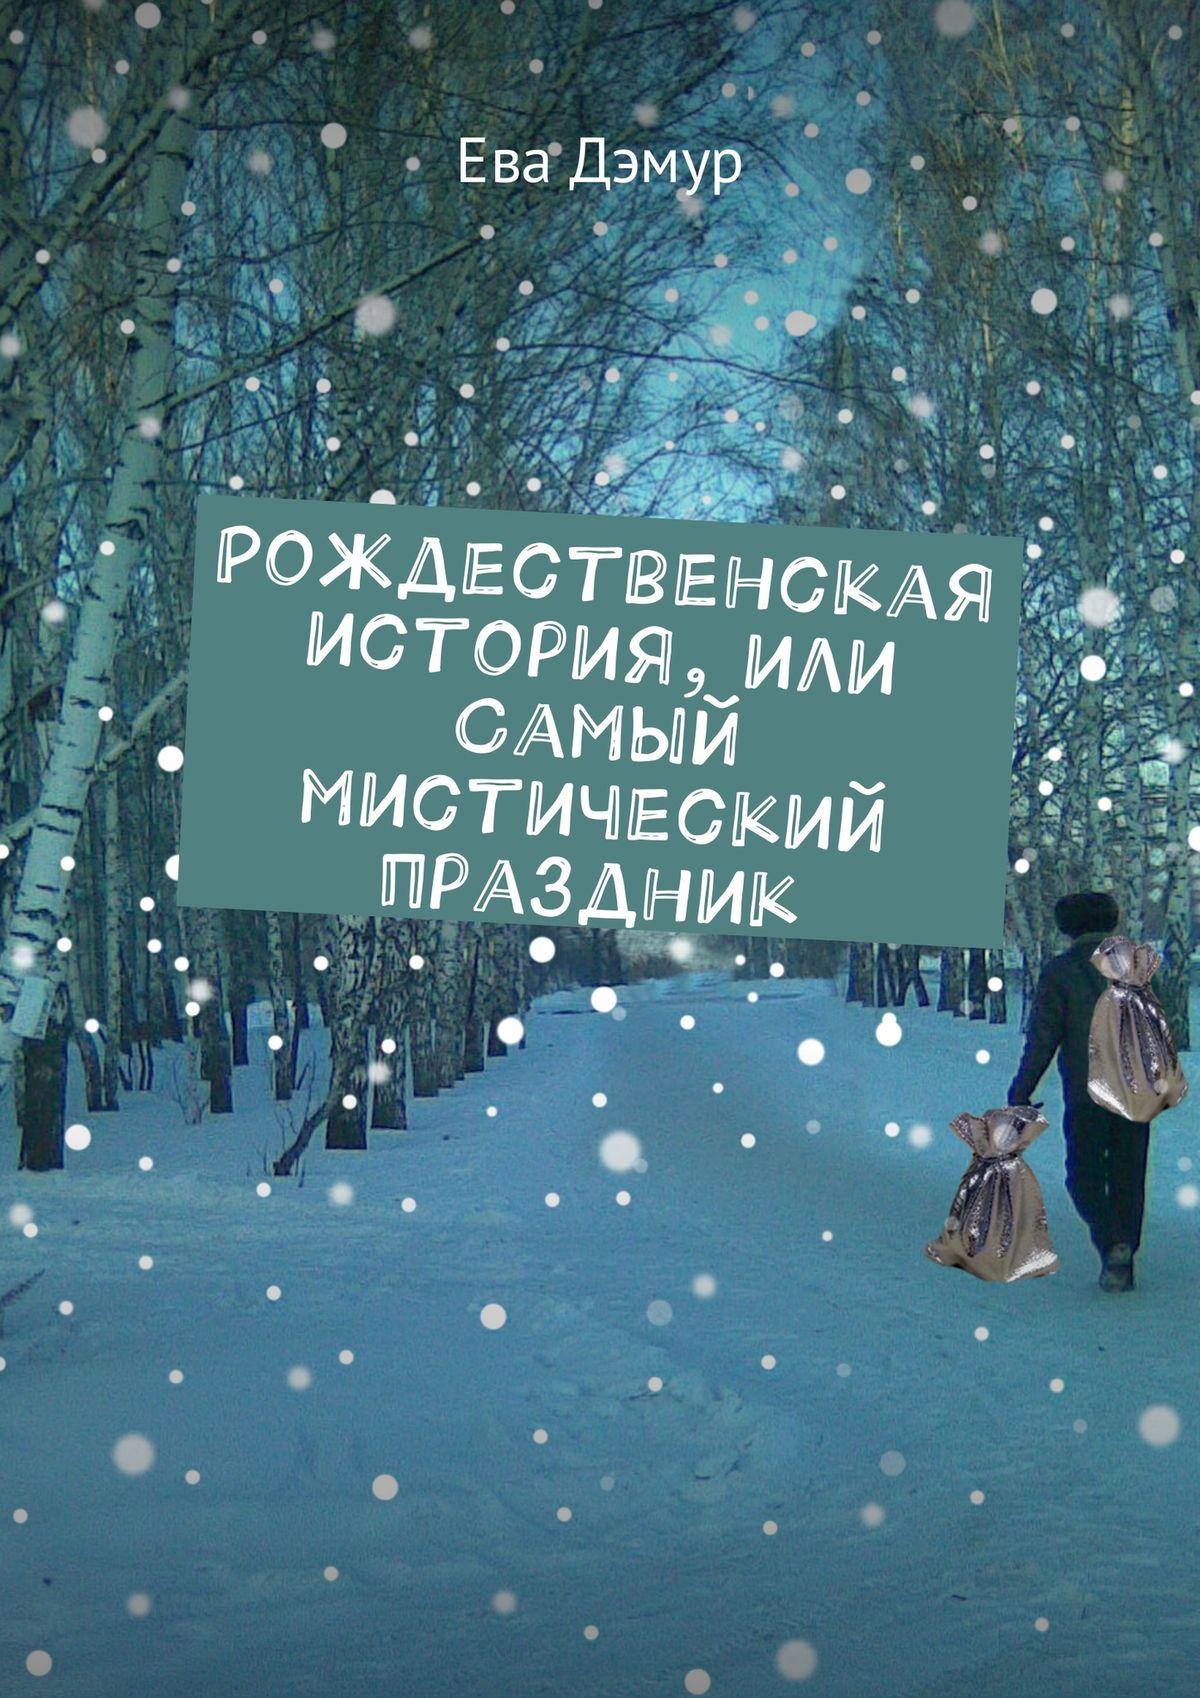 Ева Дэмур Рождественская история, или Самый мистический праздник стихи деда мороза